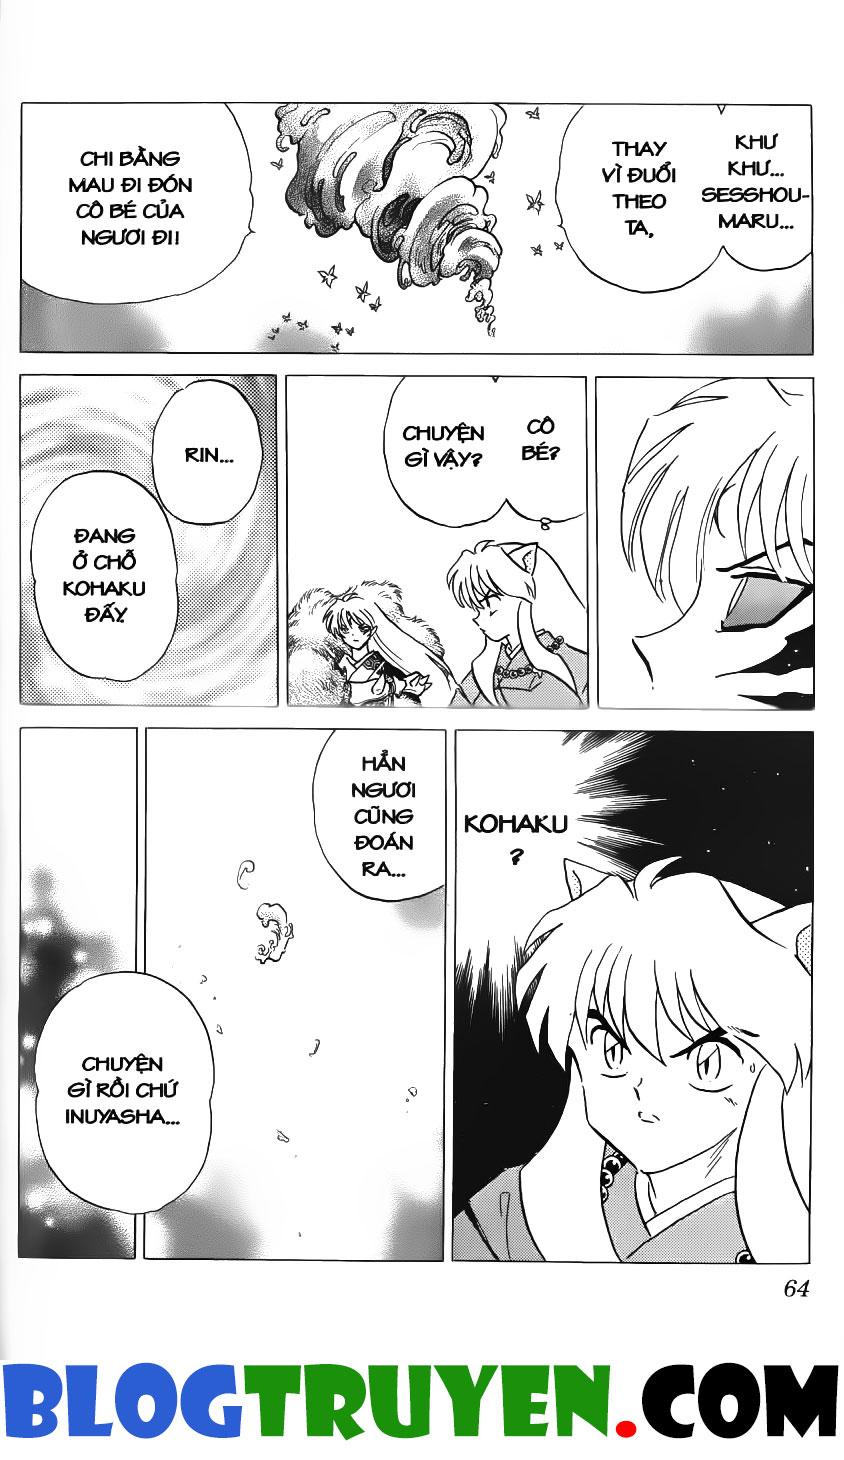 Inuyasha vol 23.4 trang 7